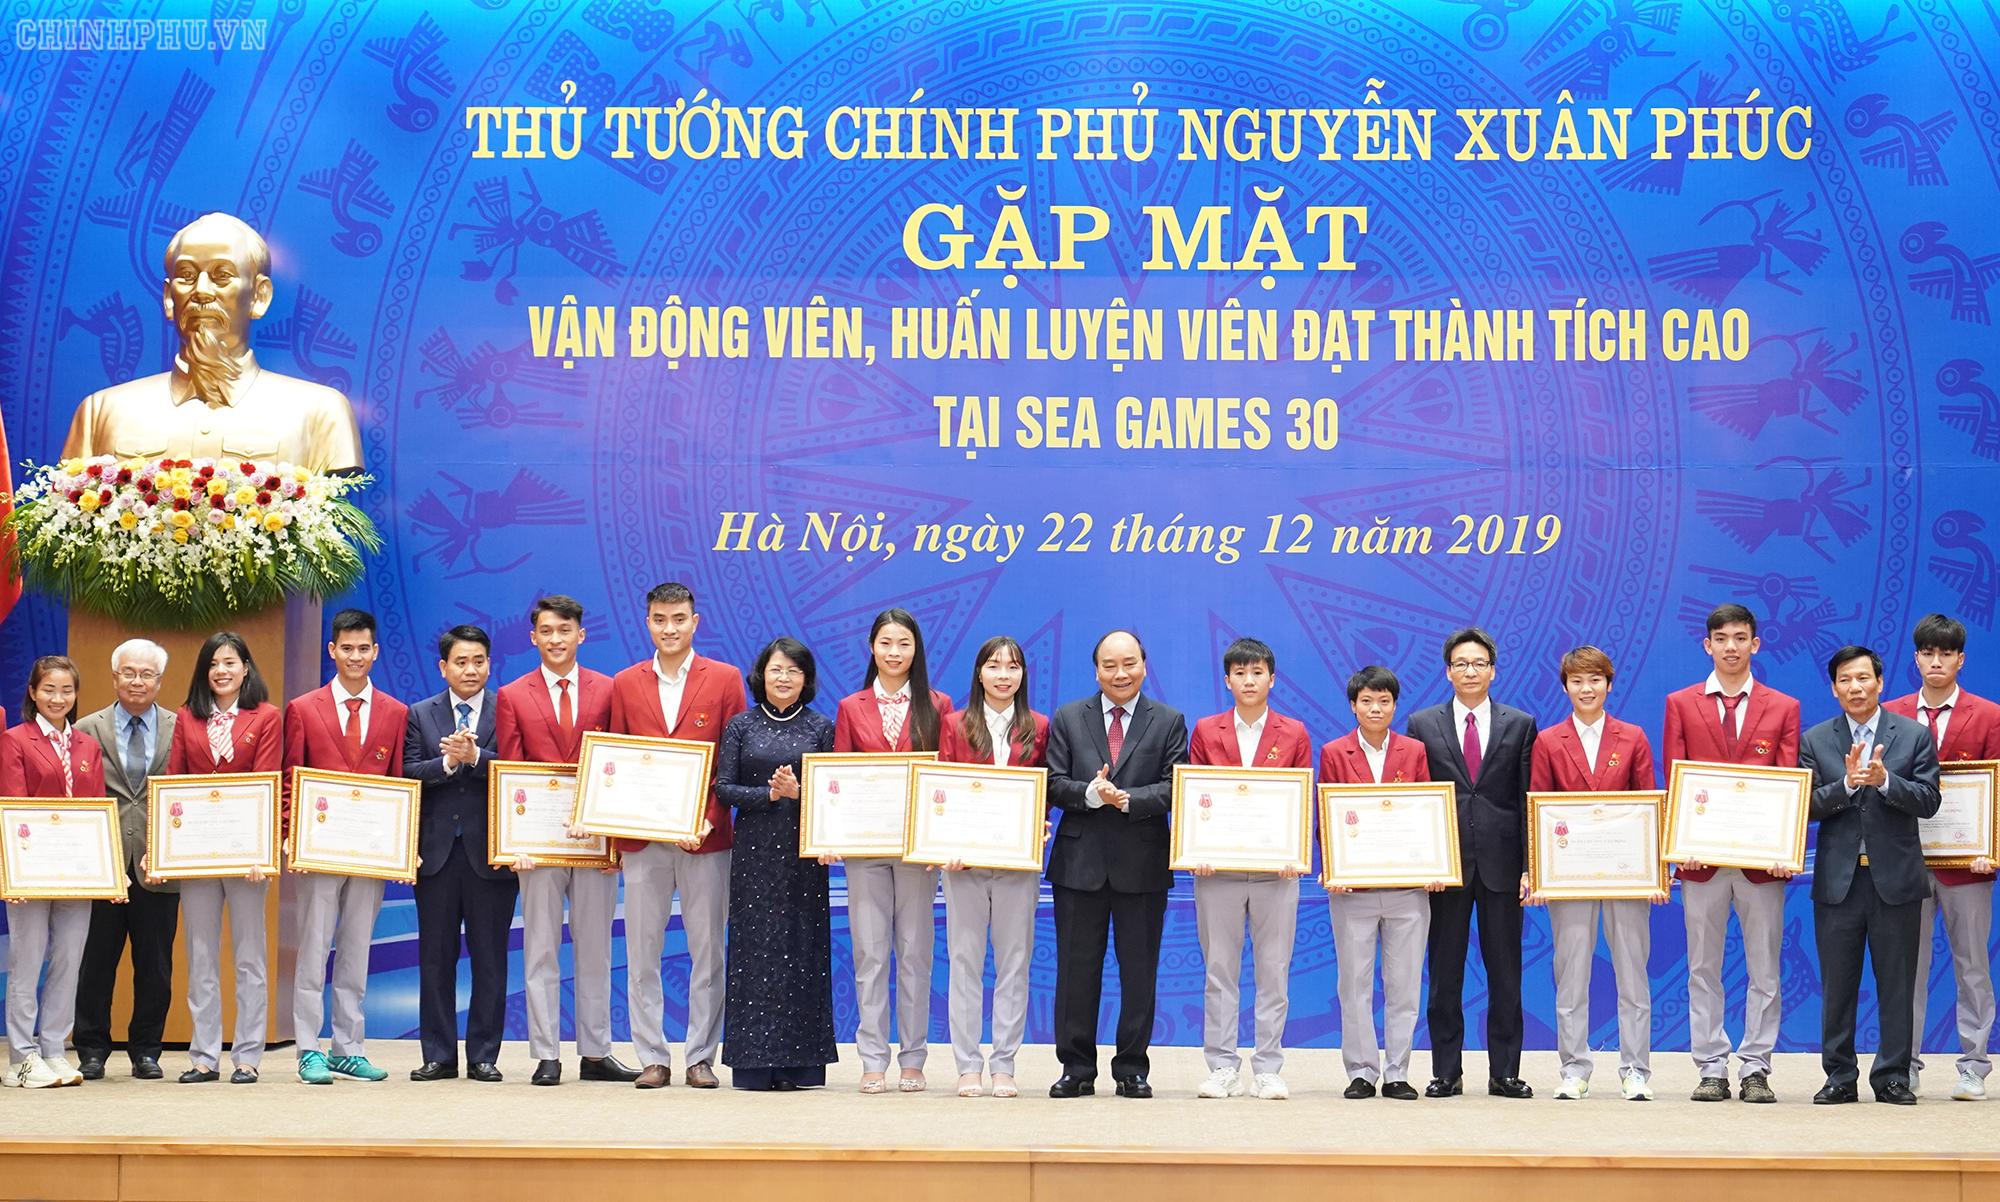 Le PM salue les efforts de la délégation sportive du Vietnam aux SEA Games 30